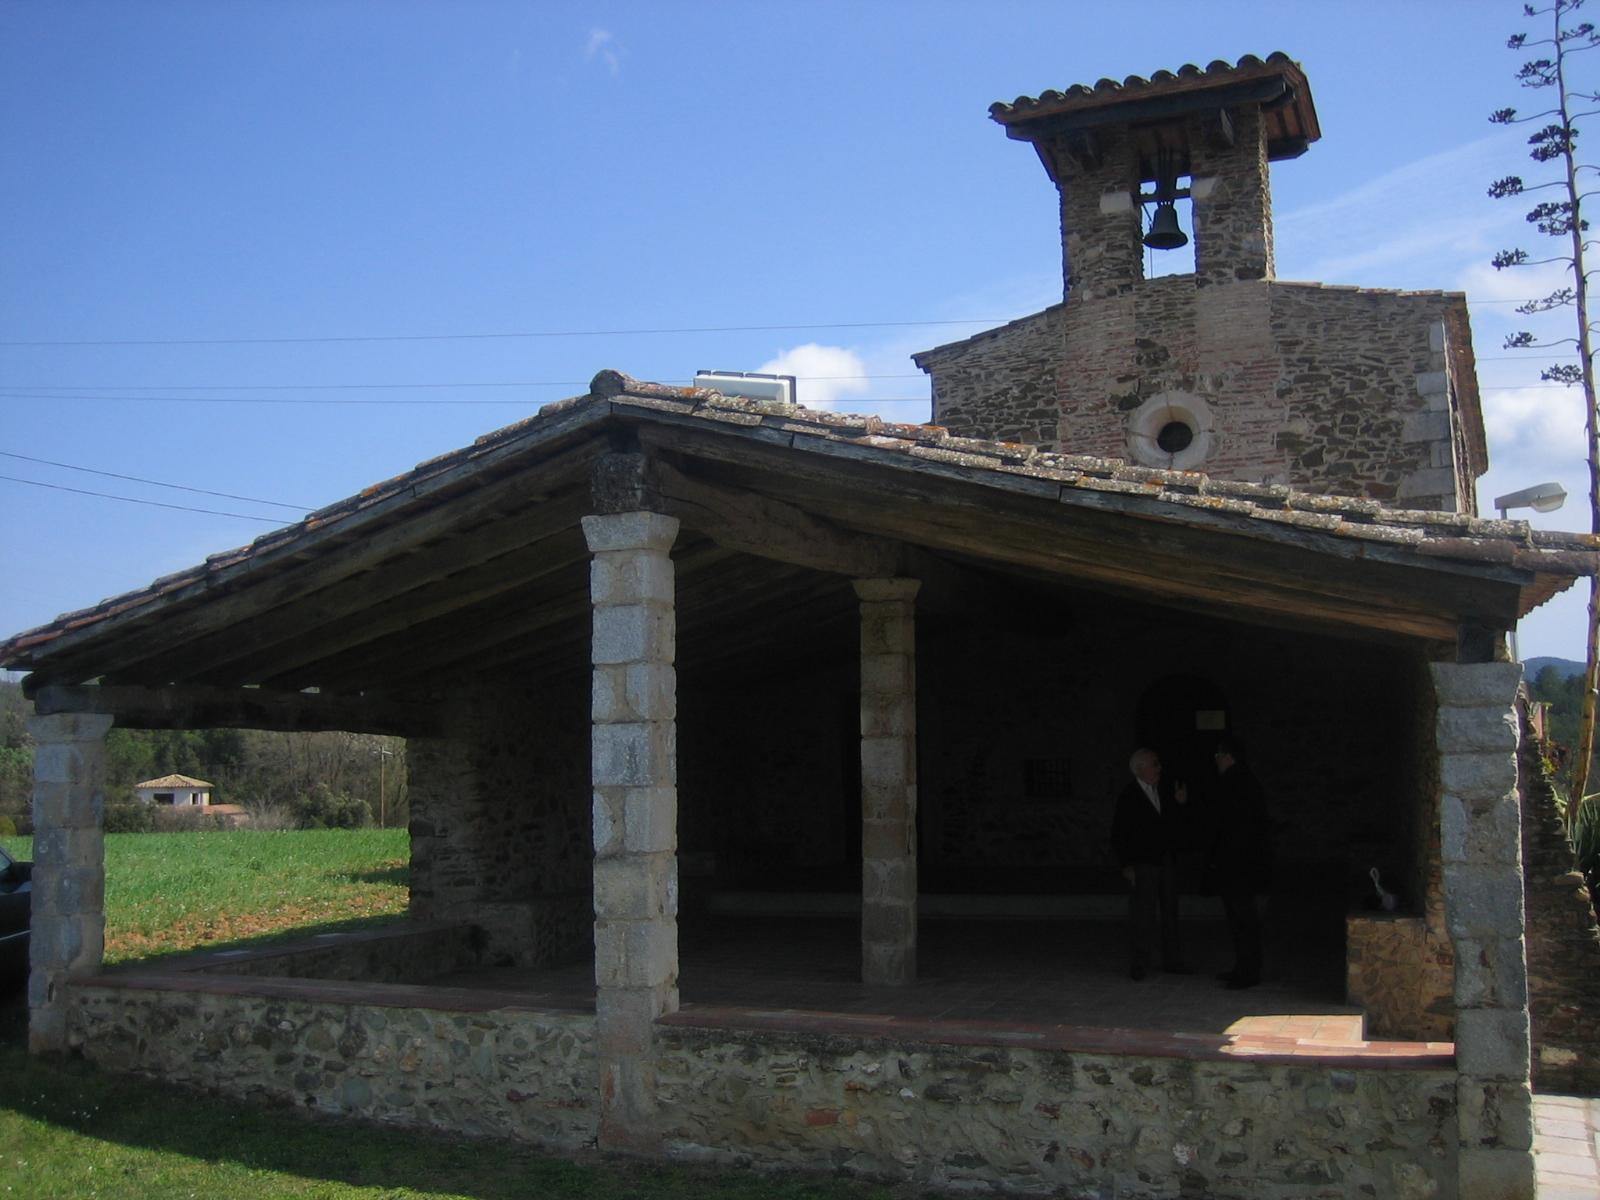 A l'ermita d'Erols en destaca el pòrtic que fa 90 m2. Els orígens de l'església son del segle XII, es va restaurar en diverses ocasions, l'última al 1979 que li donà l'aspecte actual. En la fotografia en destaca el porxo i darrera seu sobresut la façana de l'ermita amb la rosassa i el campanar de cadireta.